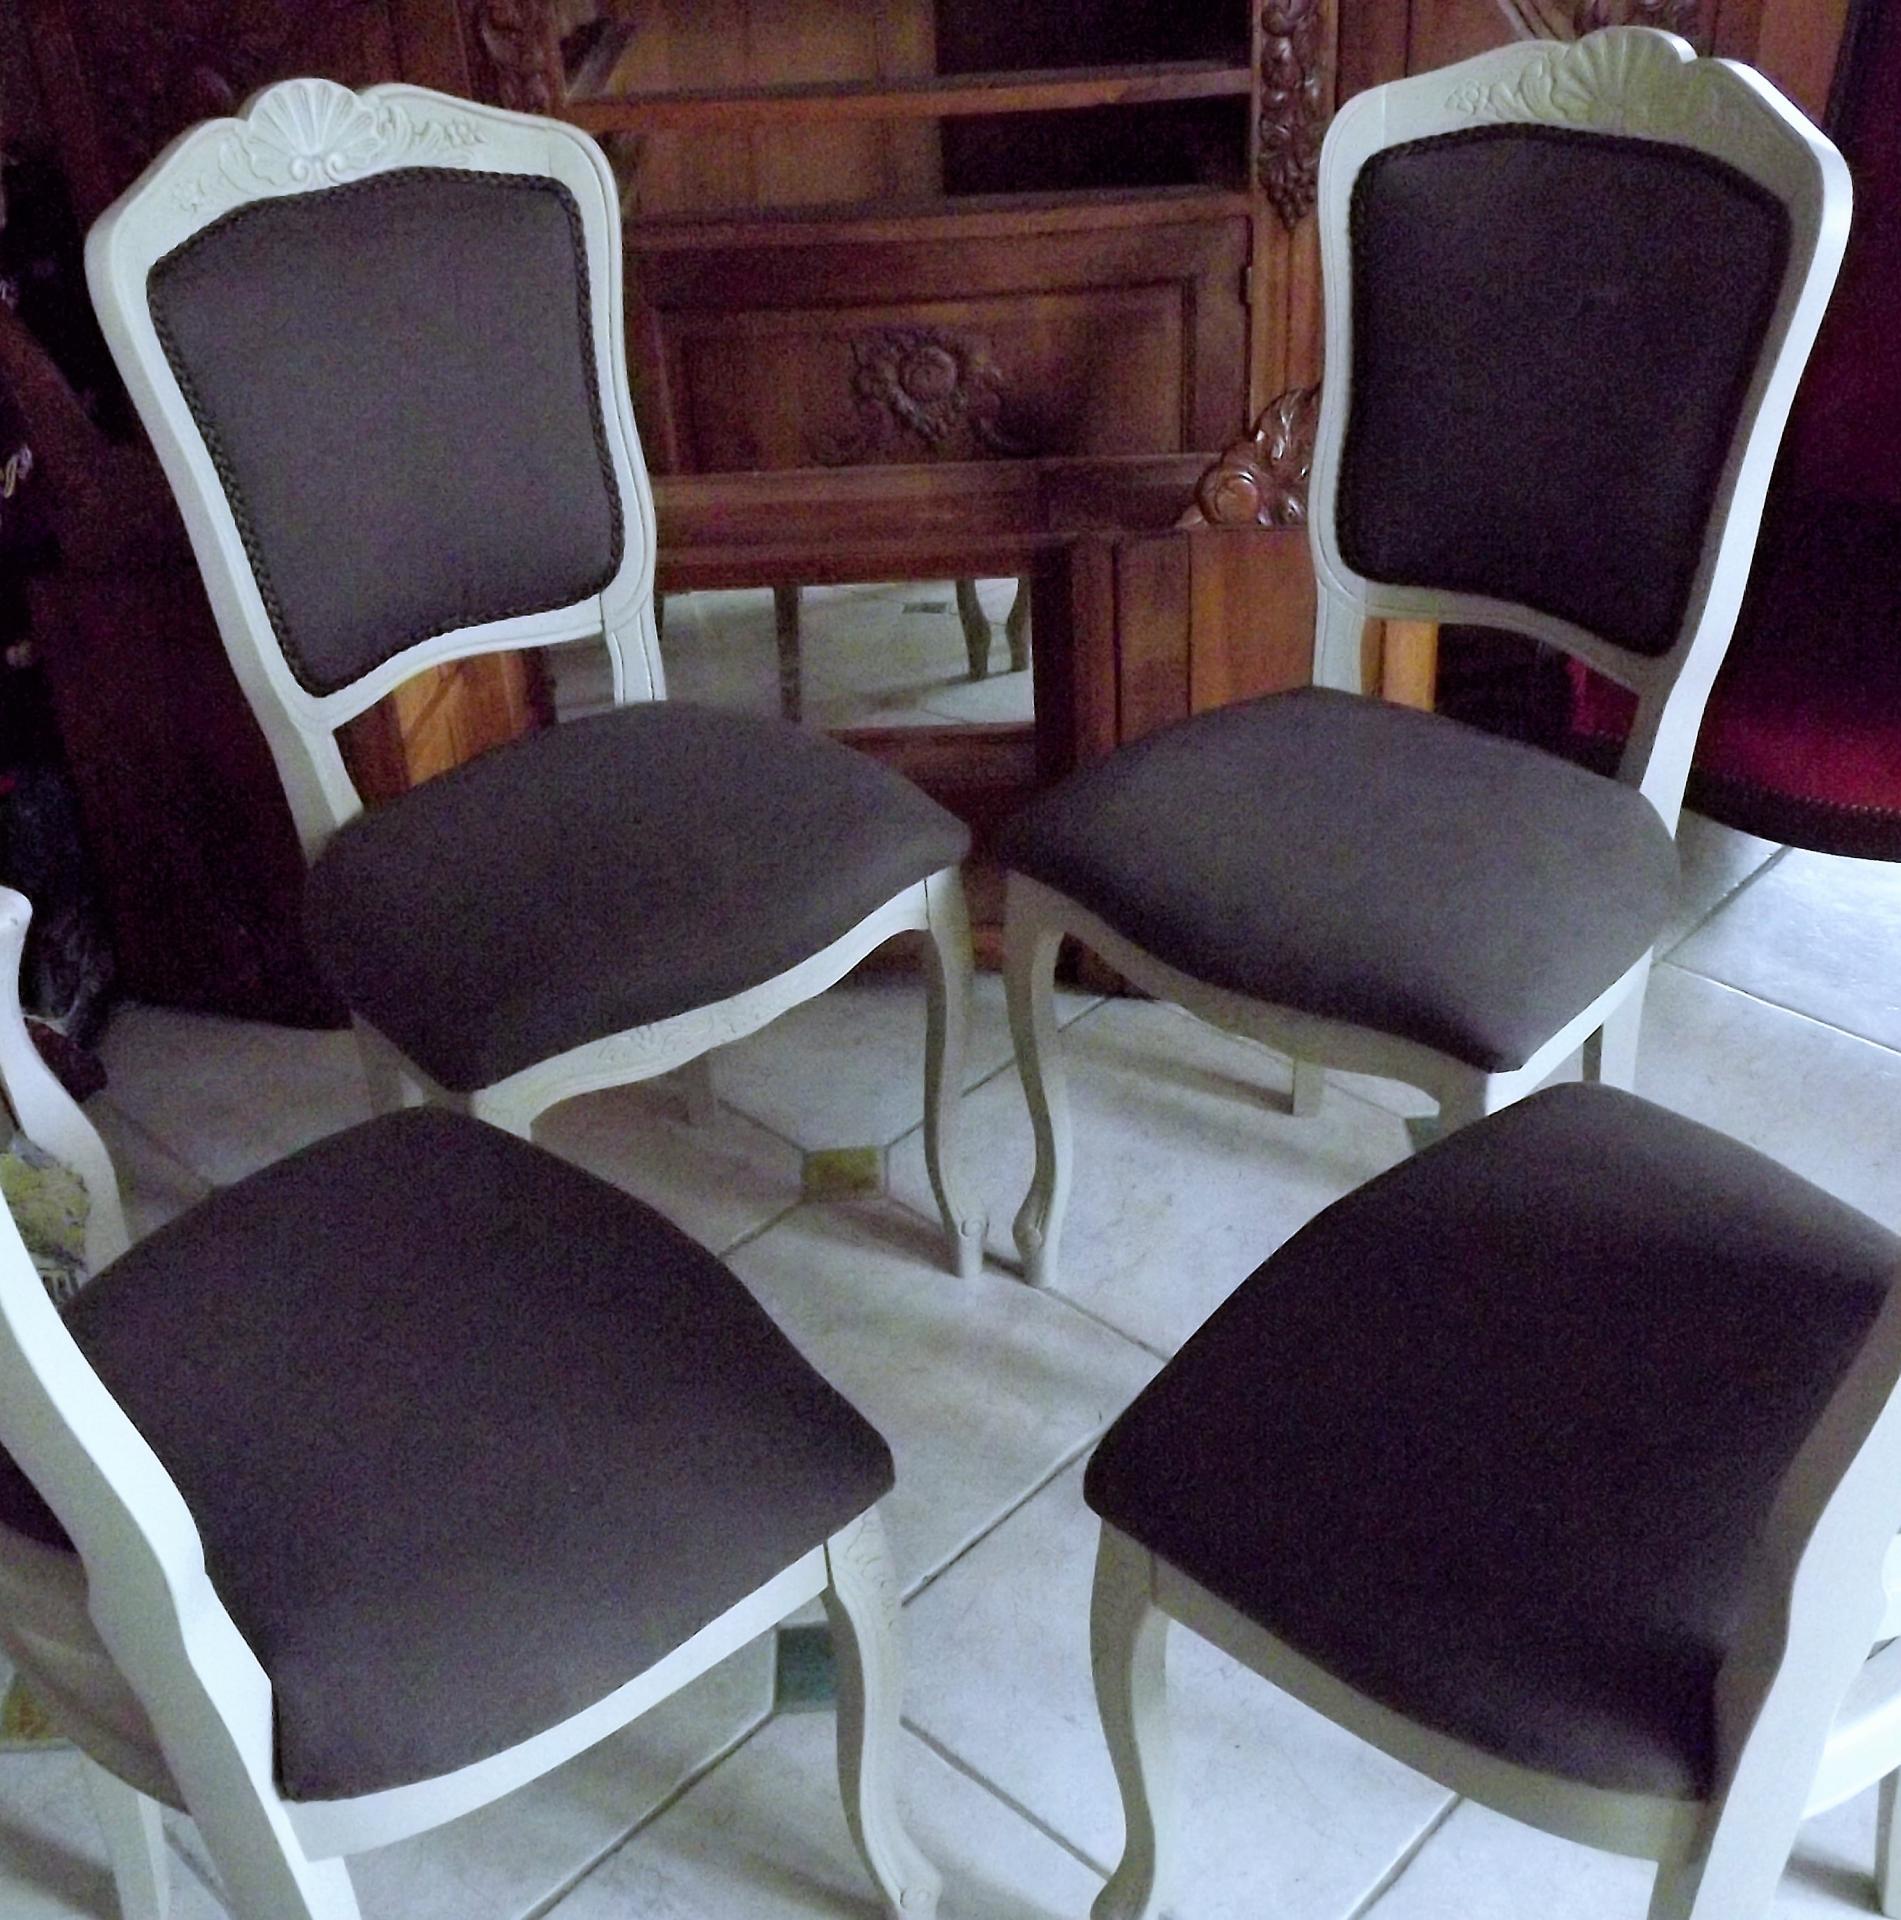 Les chaises avant et apr s for Les chaises